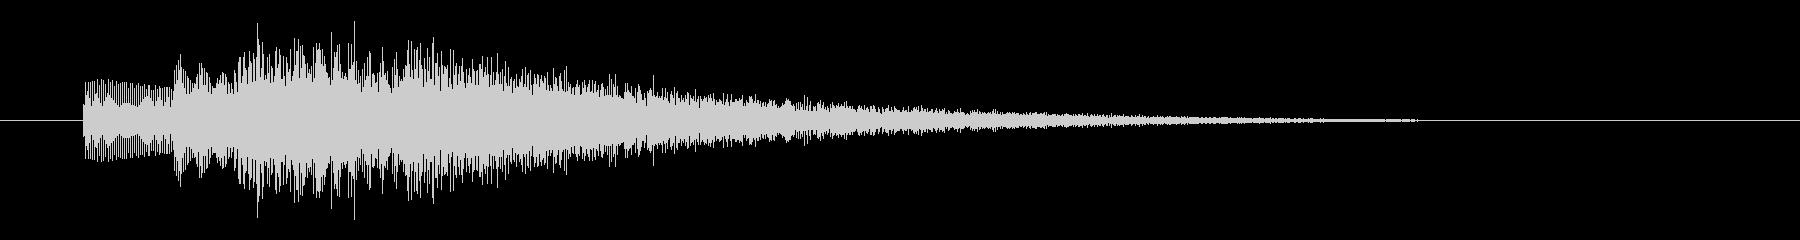 キラキラ/魔法/詠唱の未再生の波形